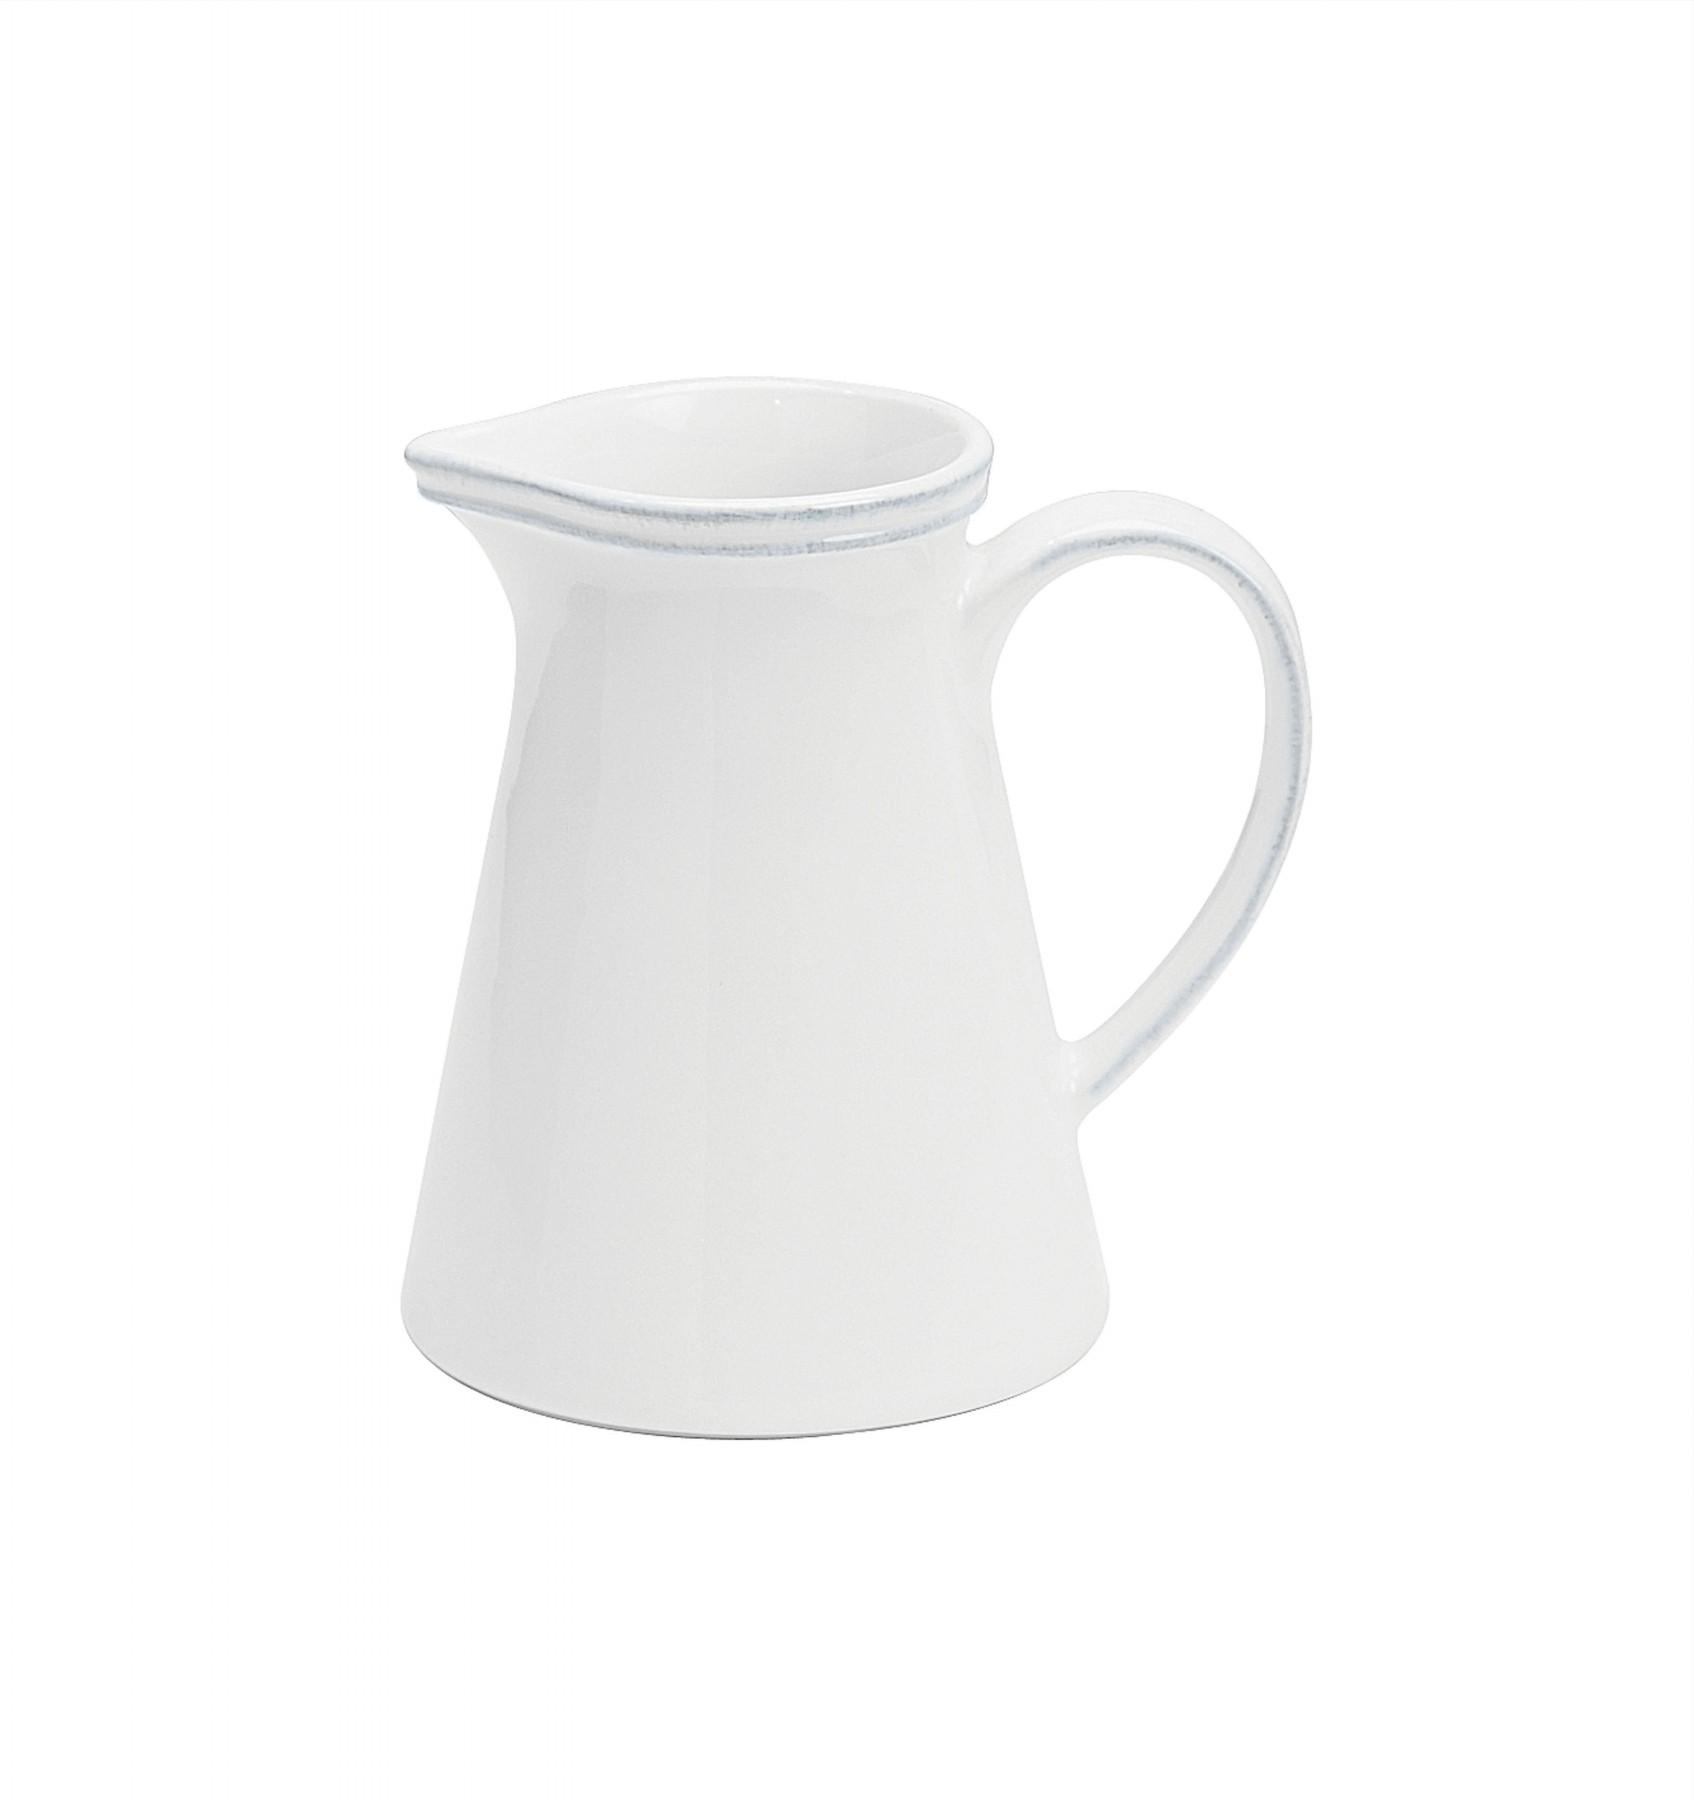 COSTA NOVA Konvička na mléko Friso 0,3 l